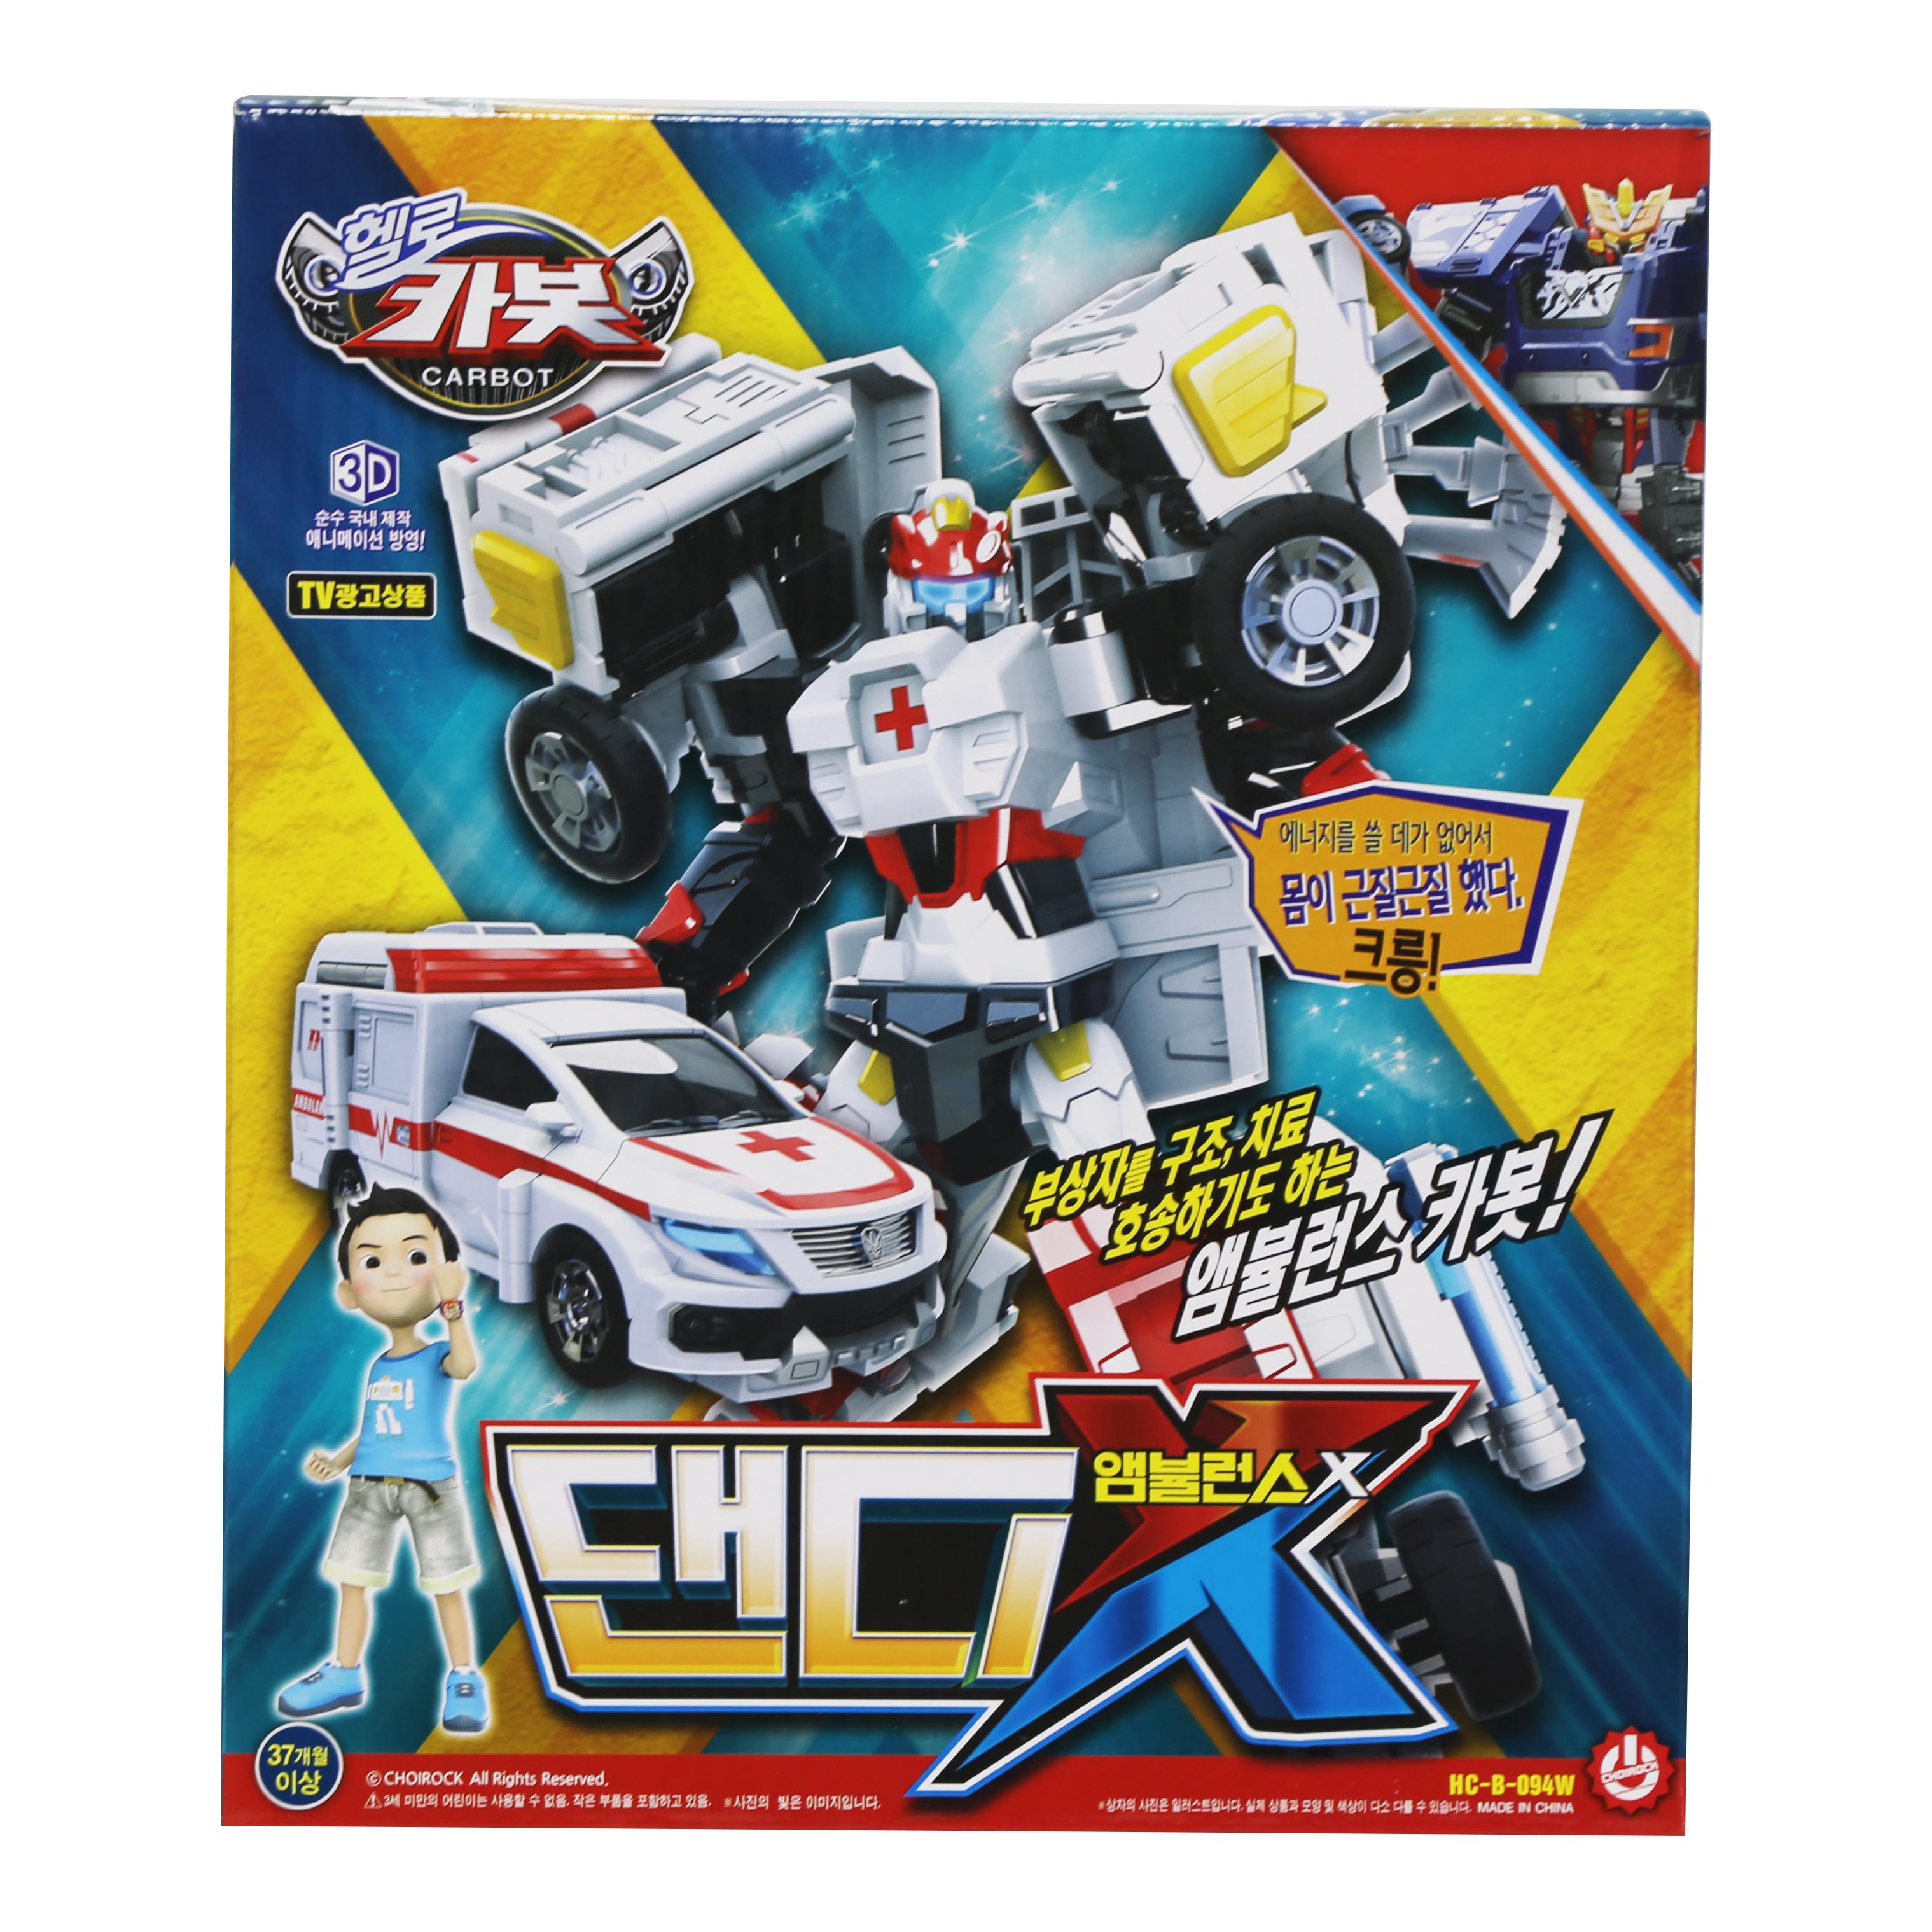 헬로카봇 댄디 앰뷸런스 엑스 로봇 장난감, 혼합색상